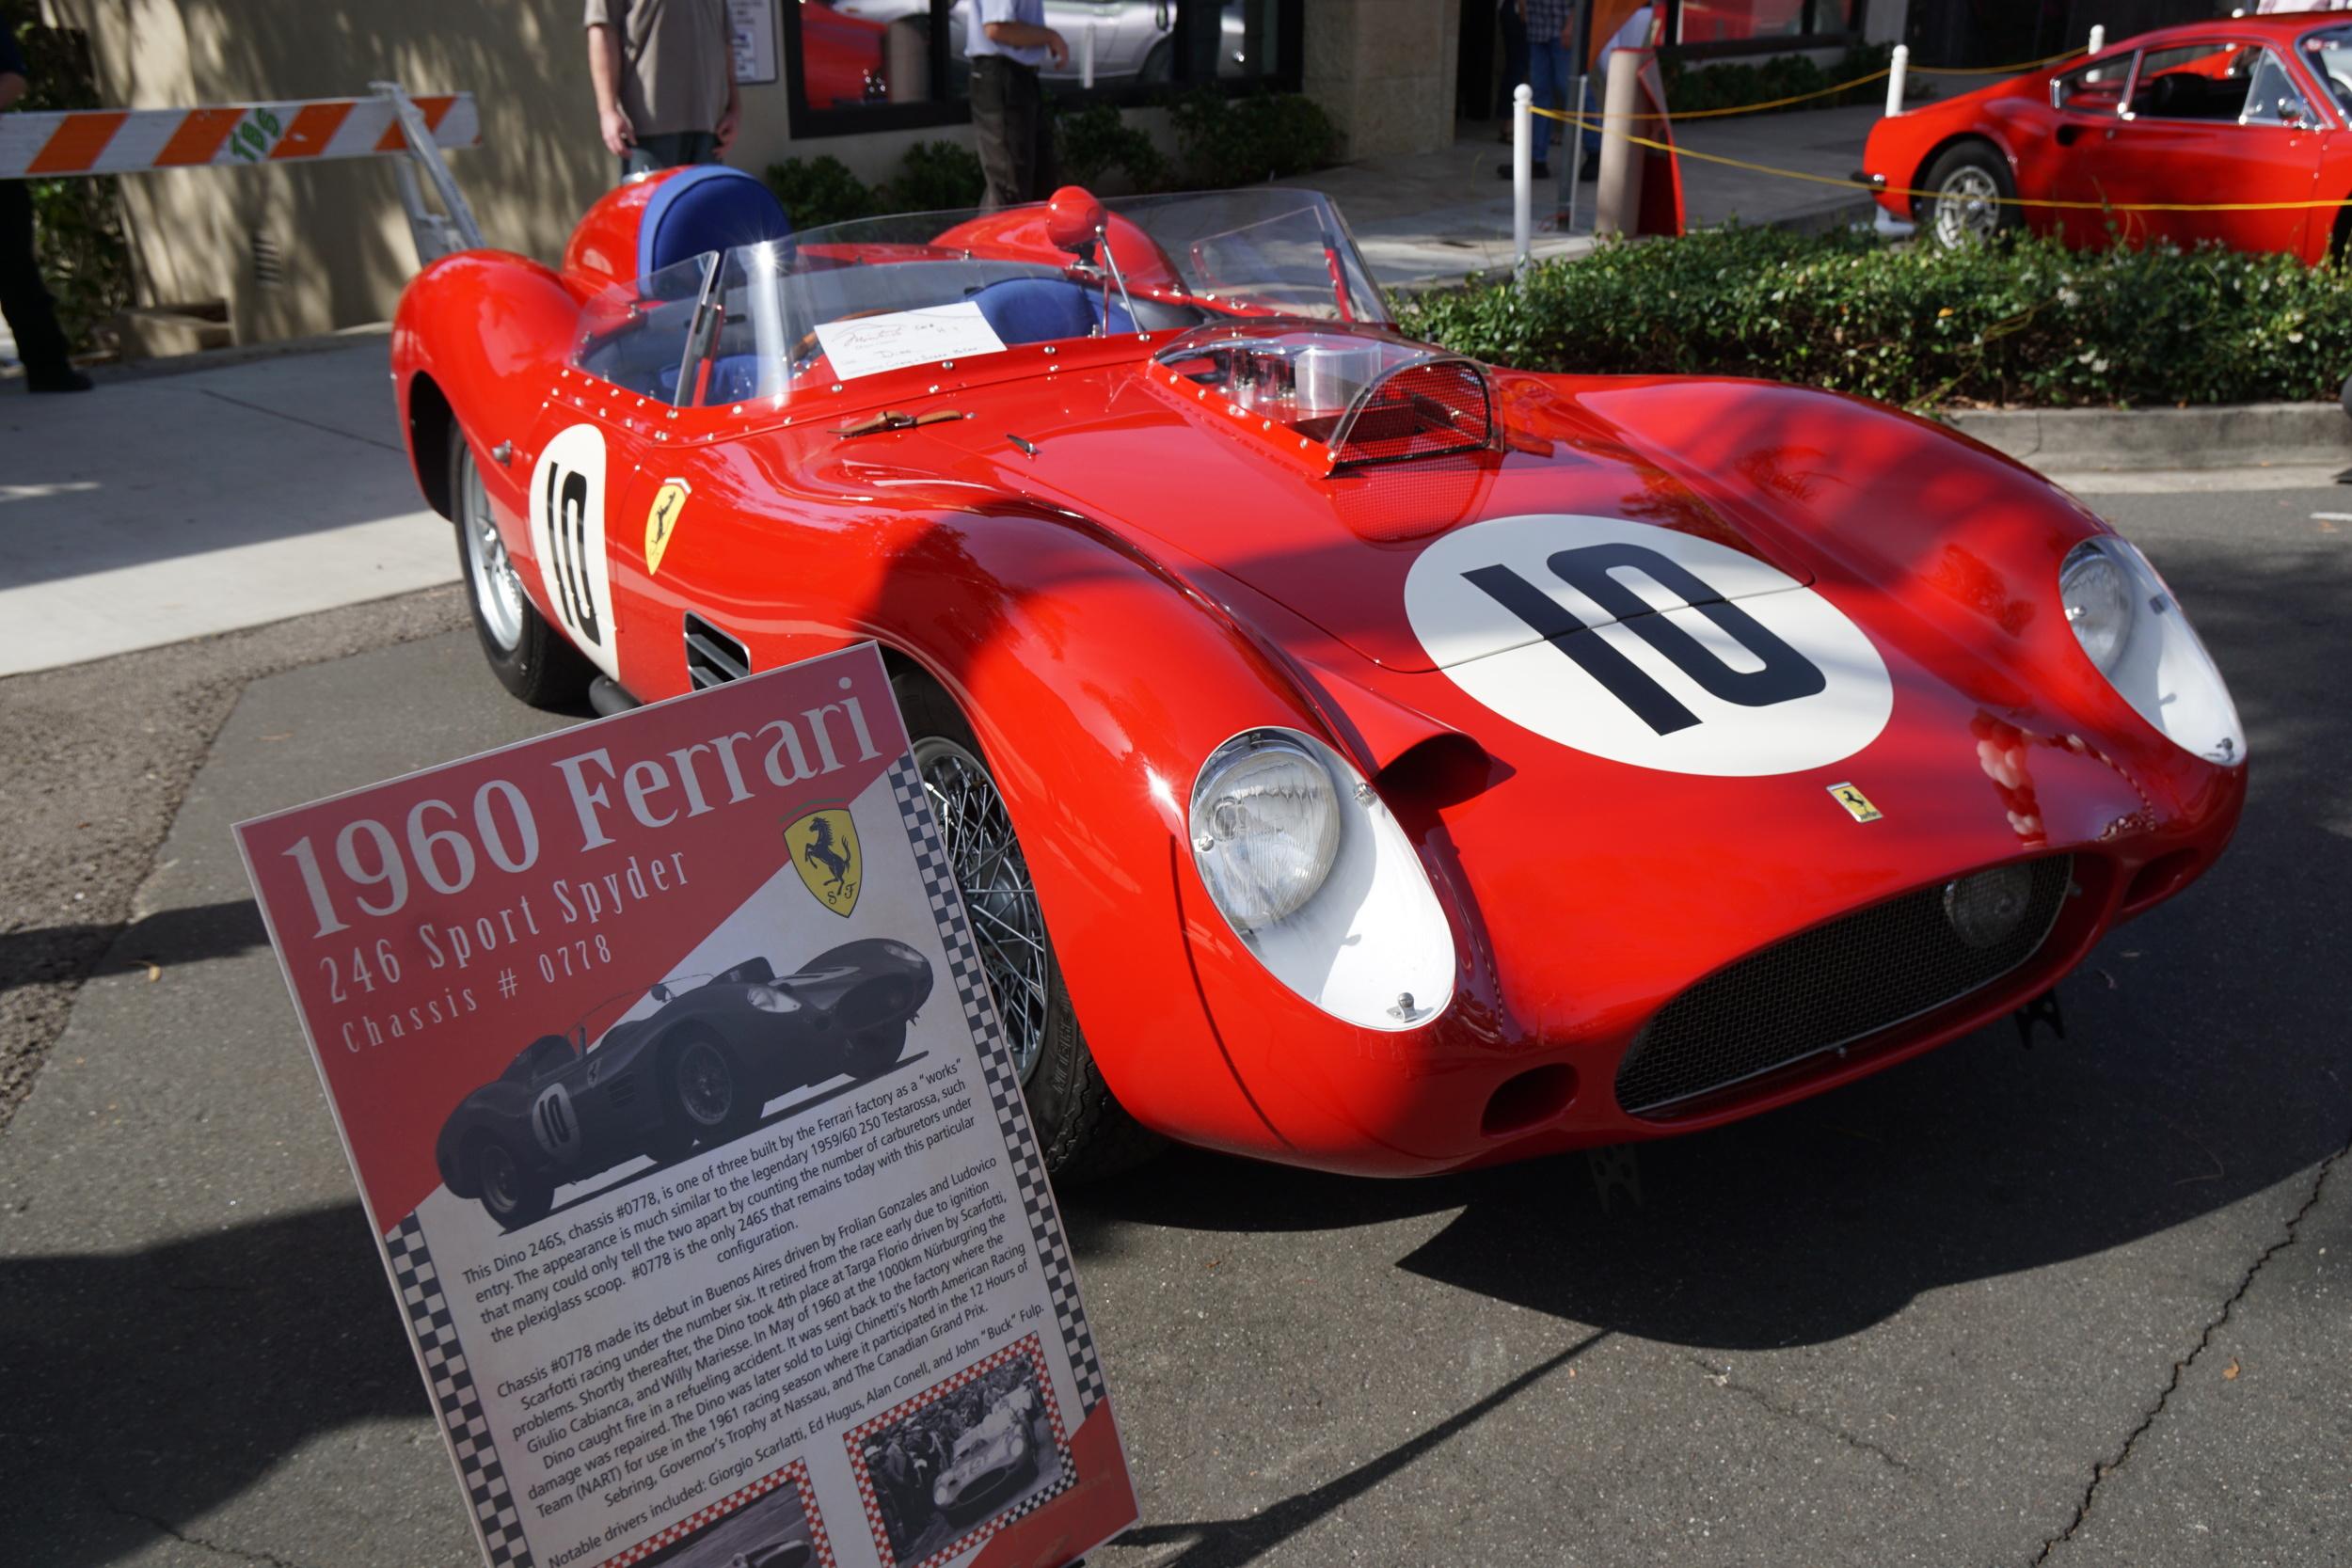 1960 Ferrari